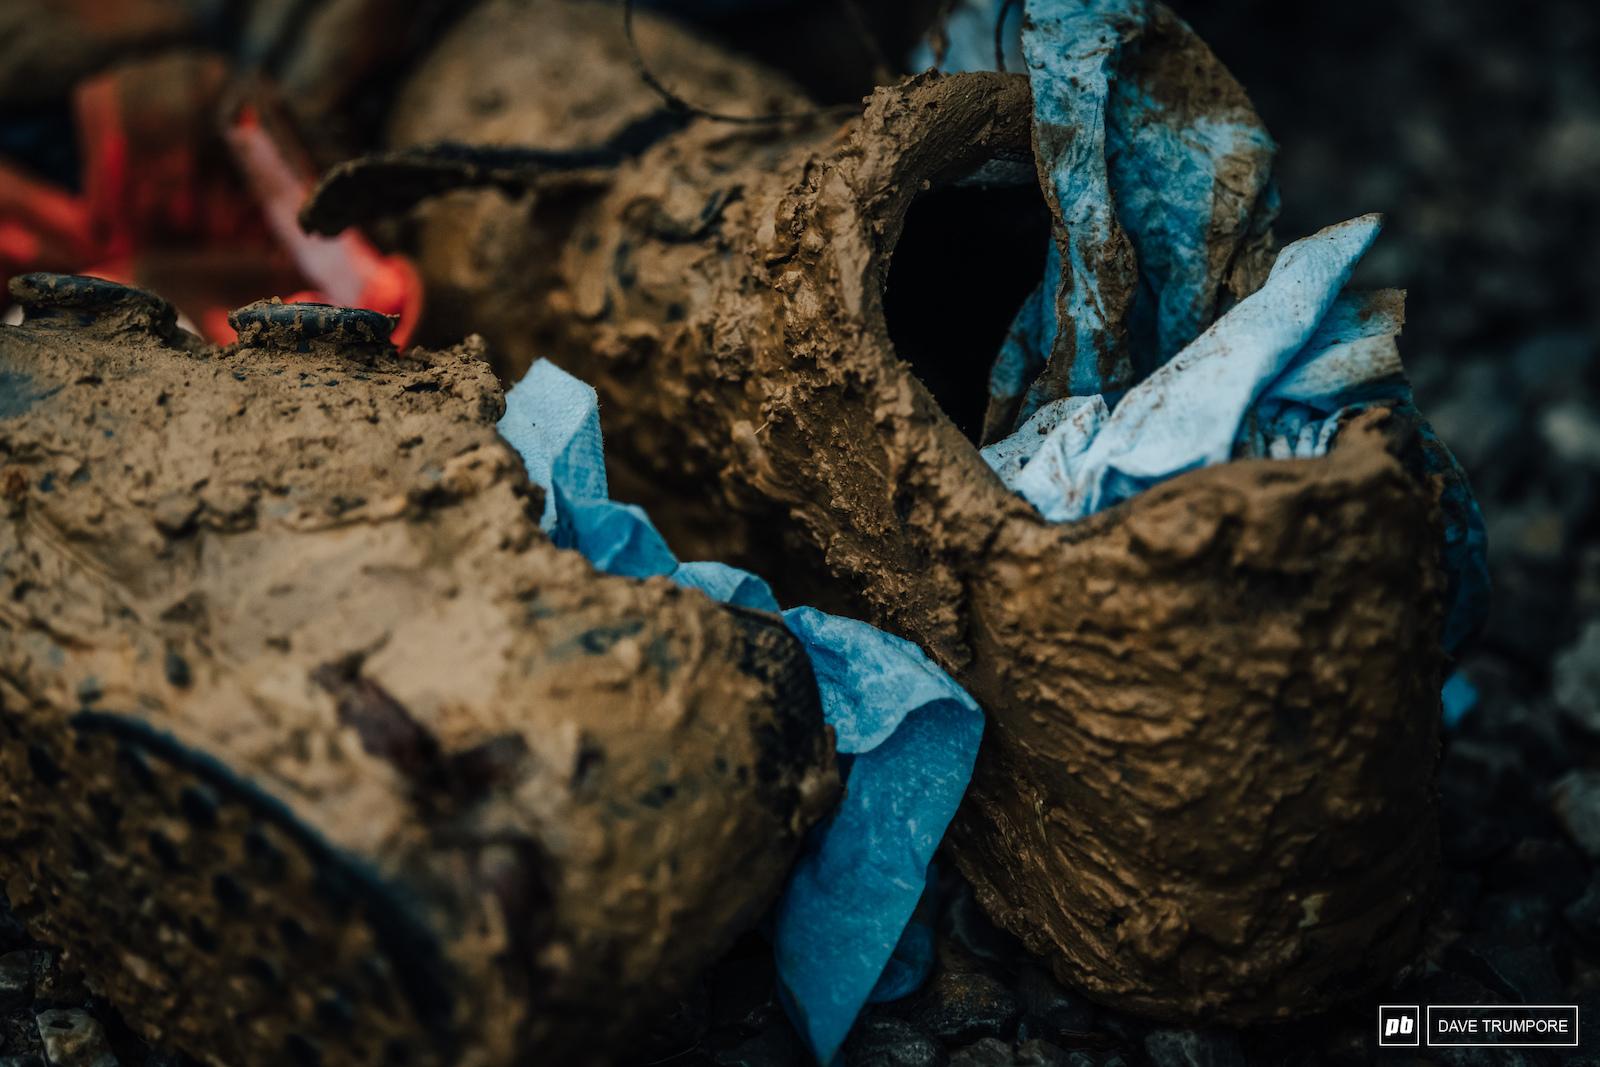 Sometime ya gotta do what ya gotta do to keep you equipment going in the mud.